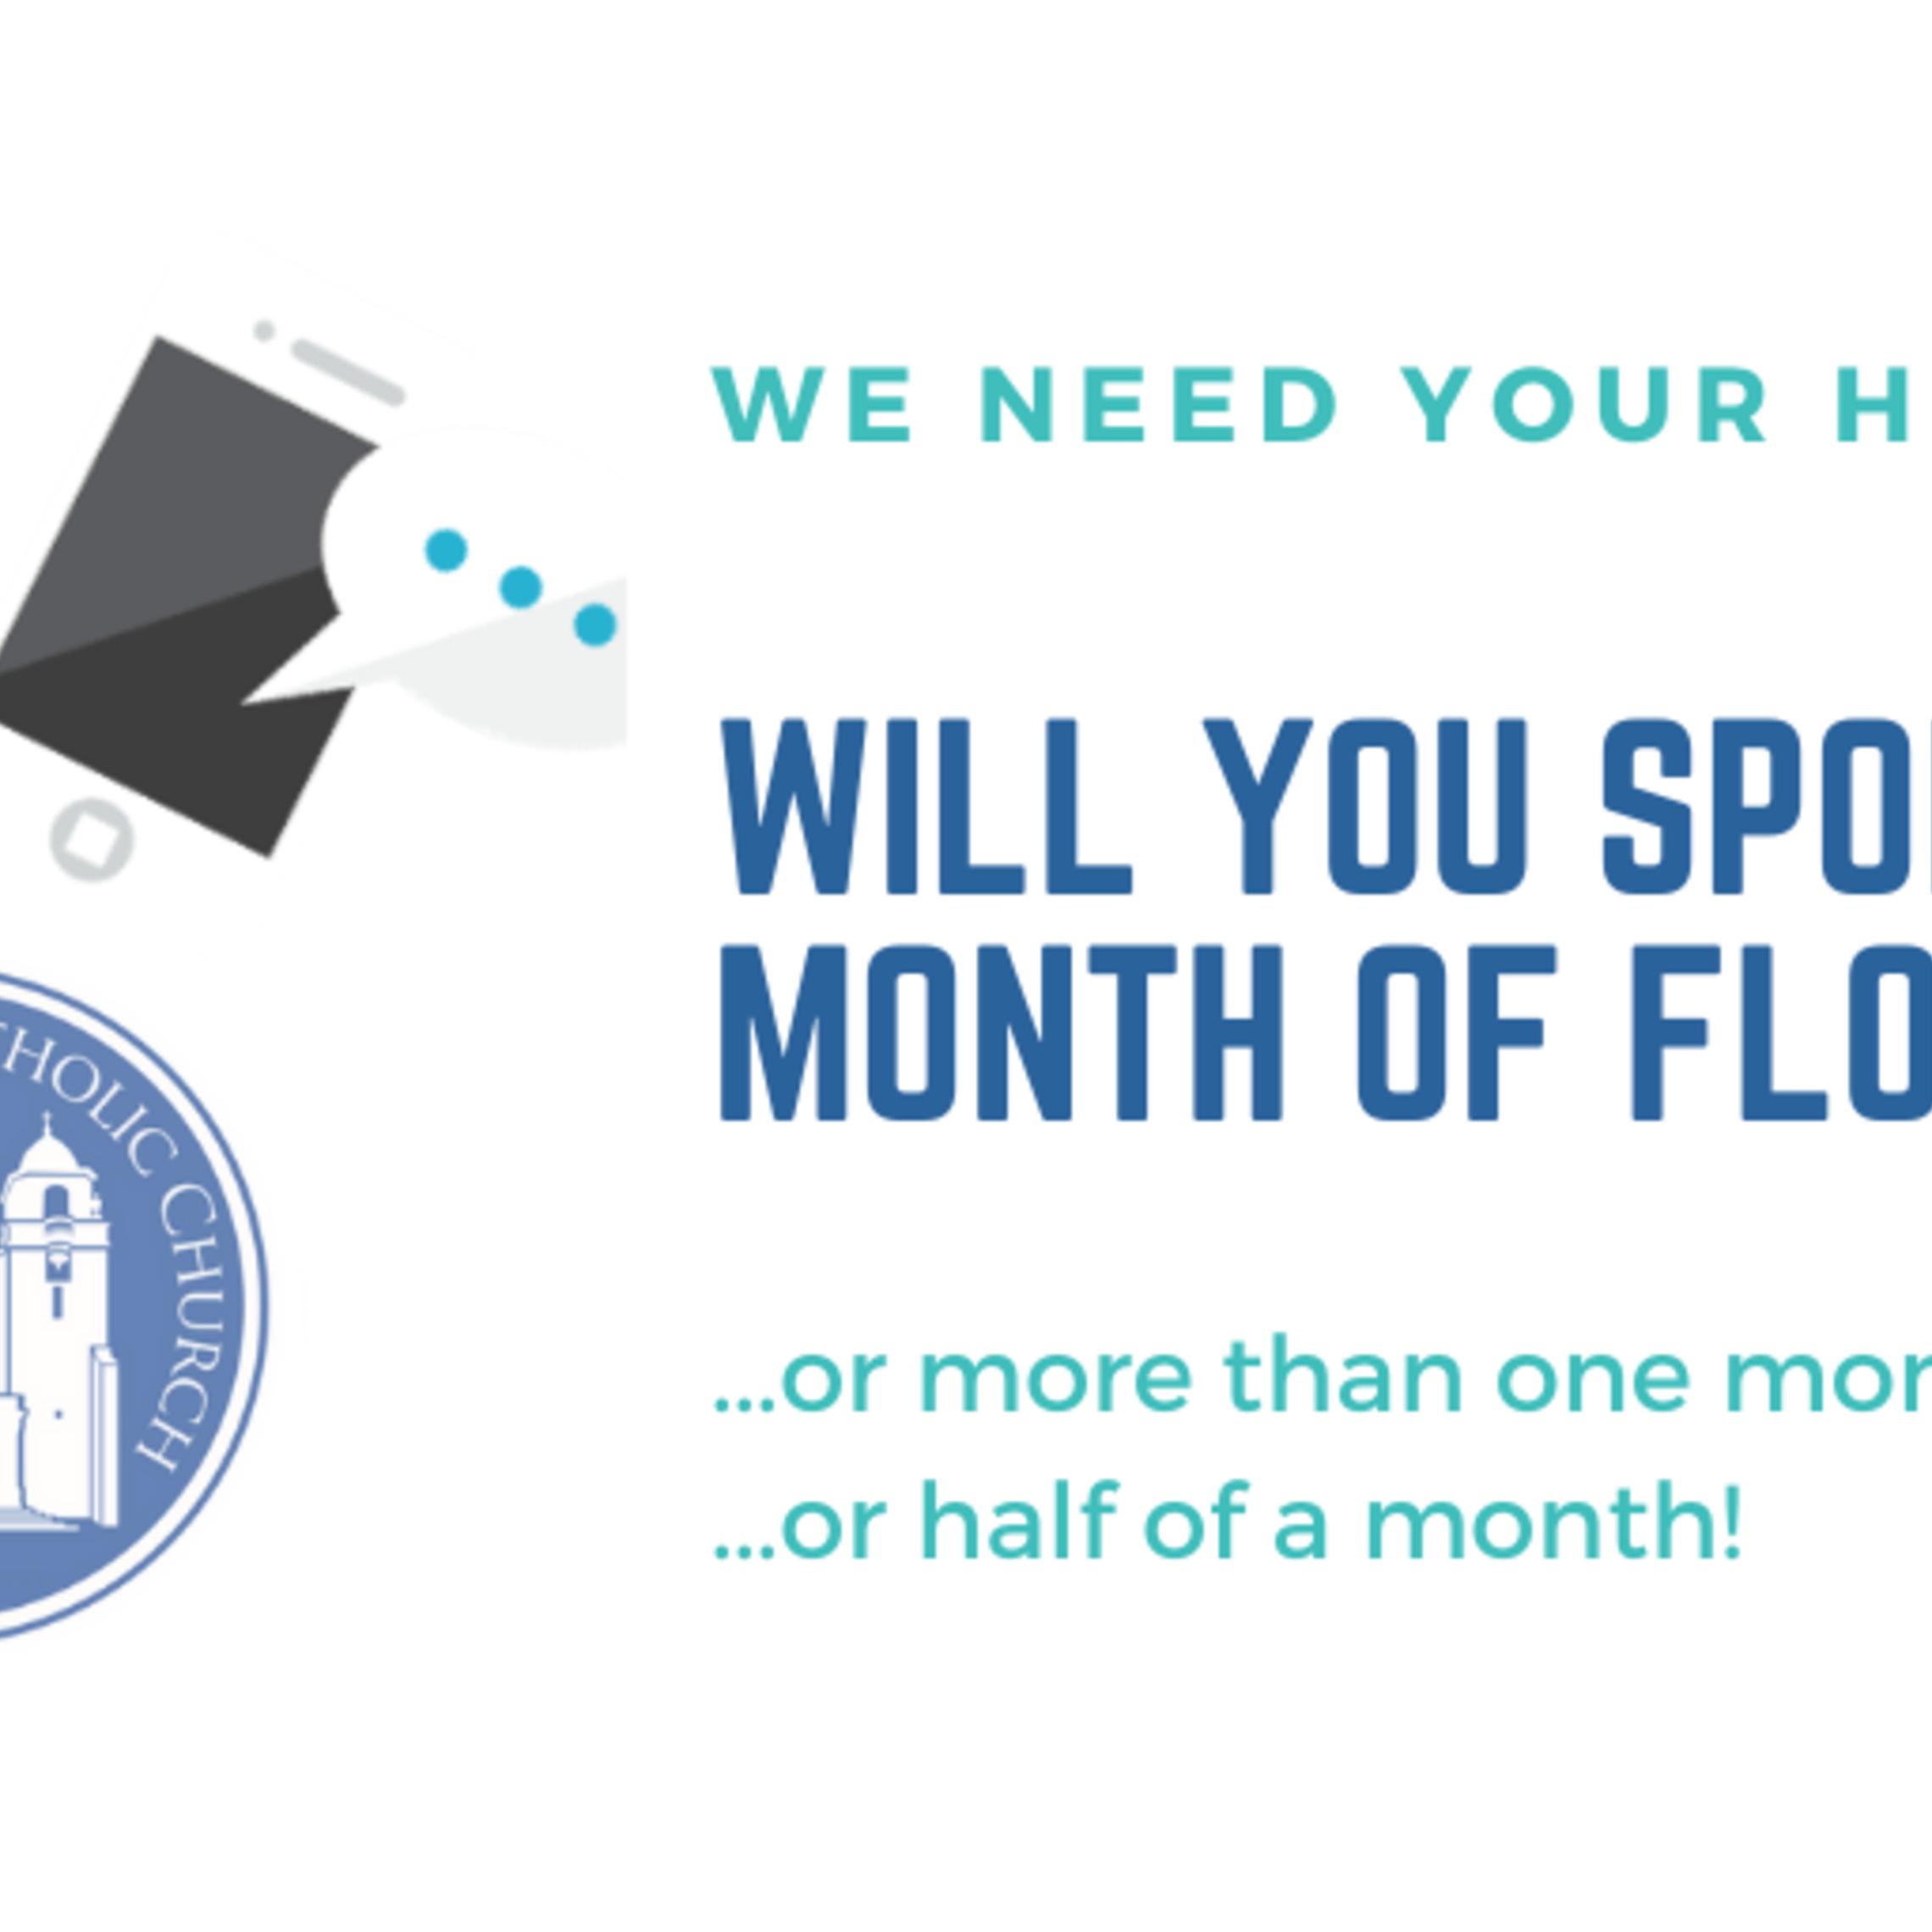 Sponsor A Month Of Flocknote